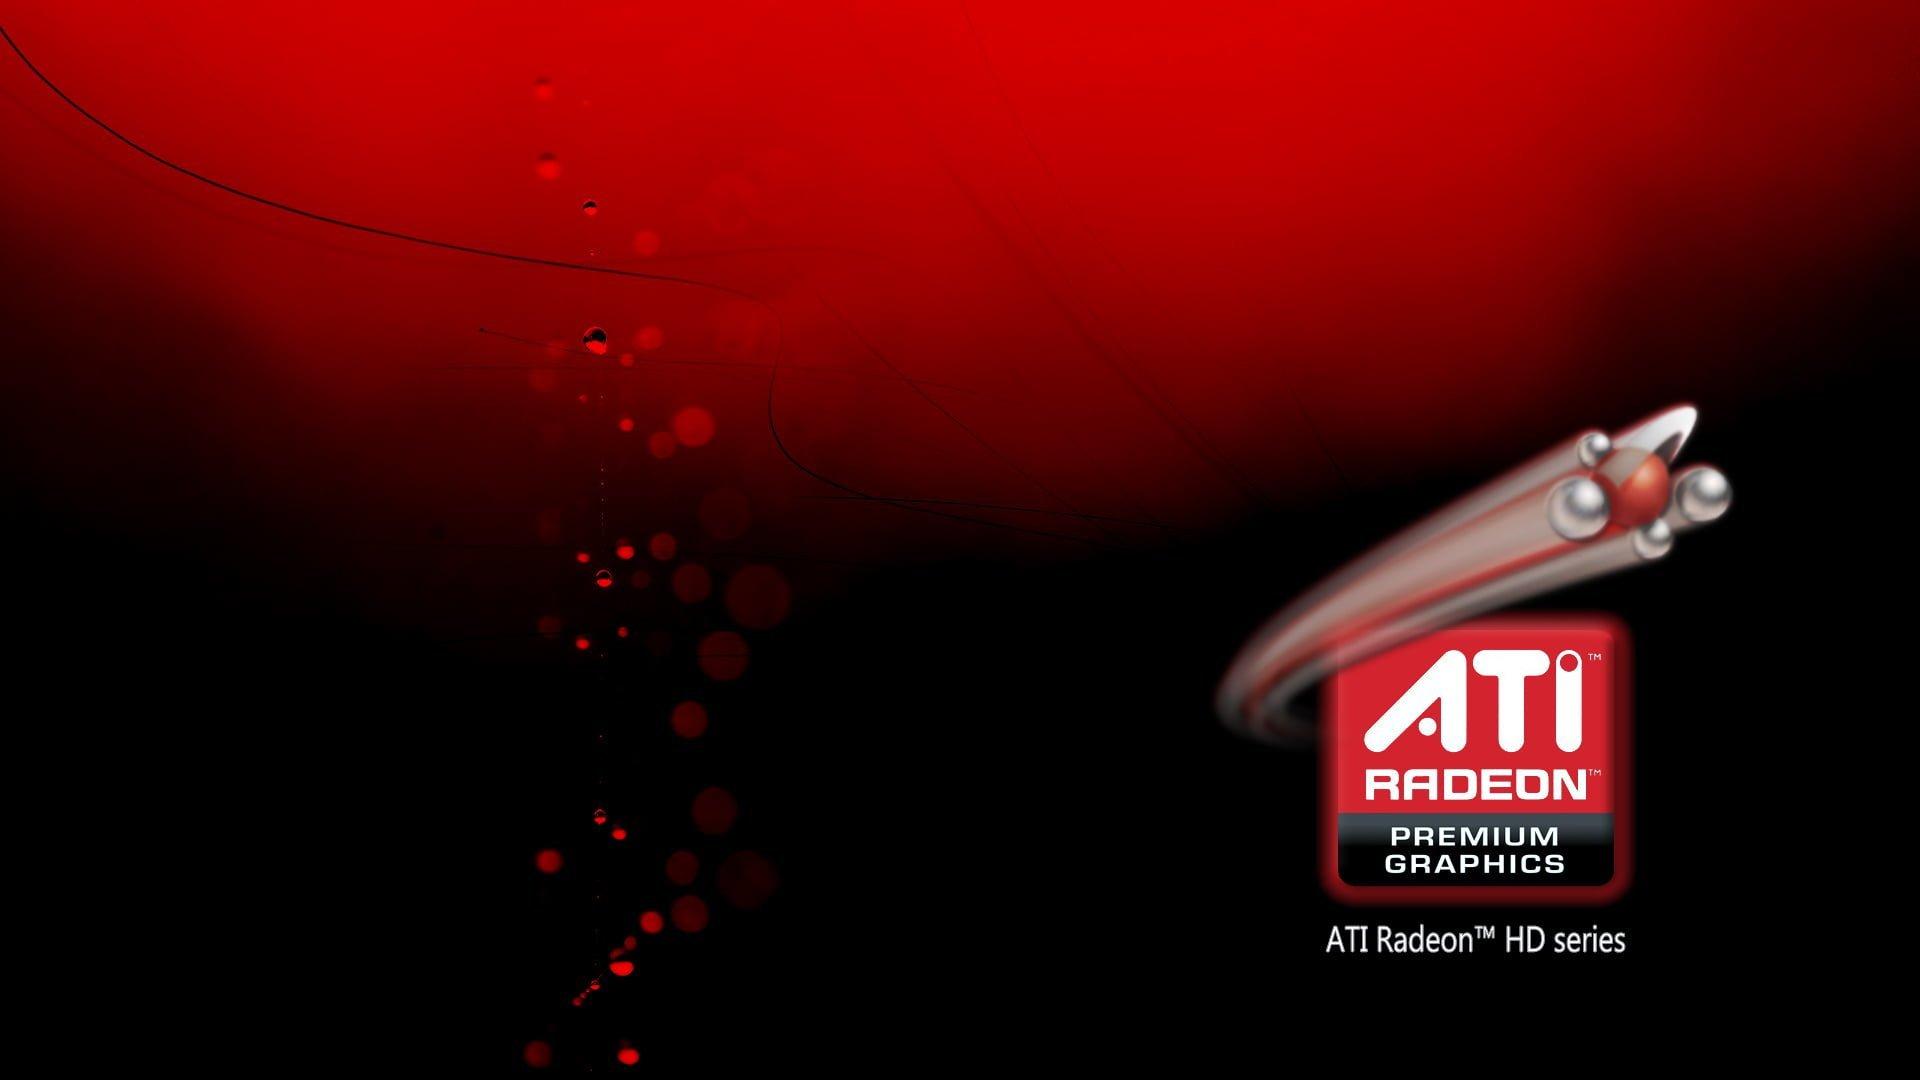 HD Ati Radeon